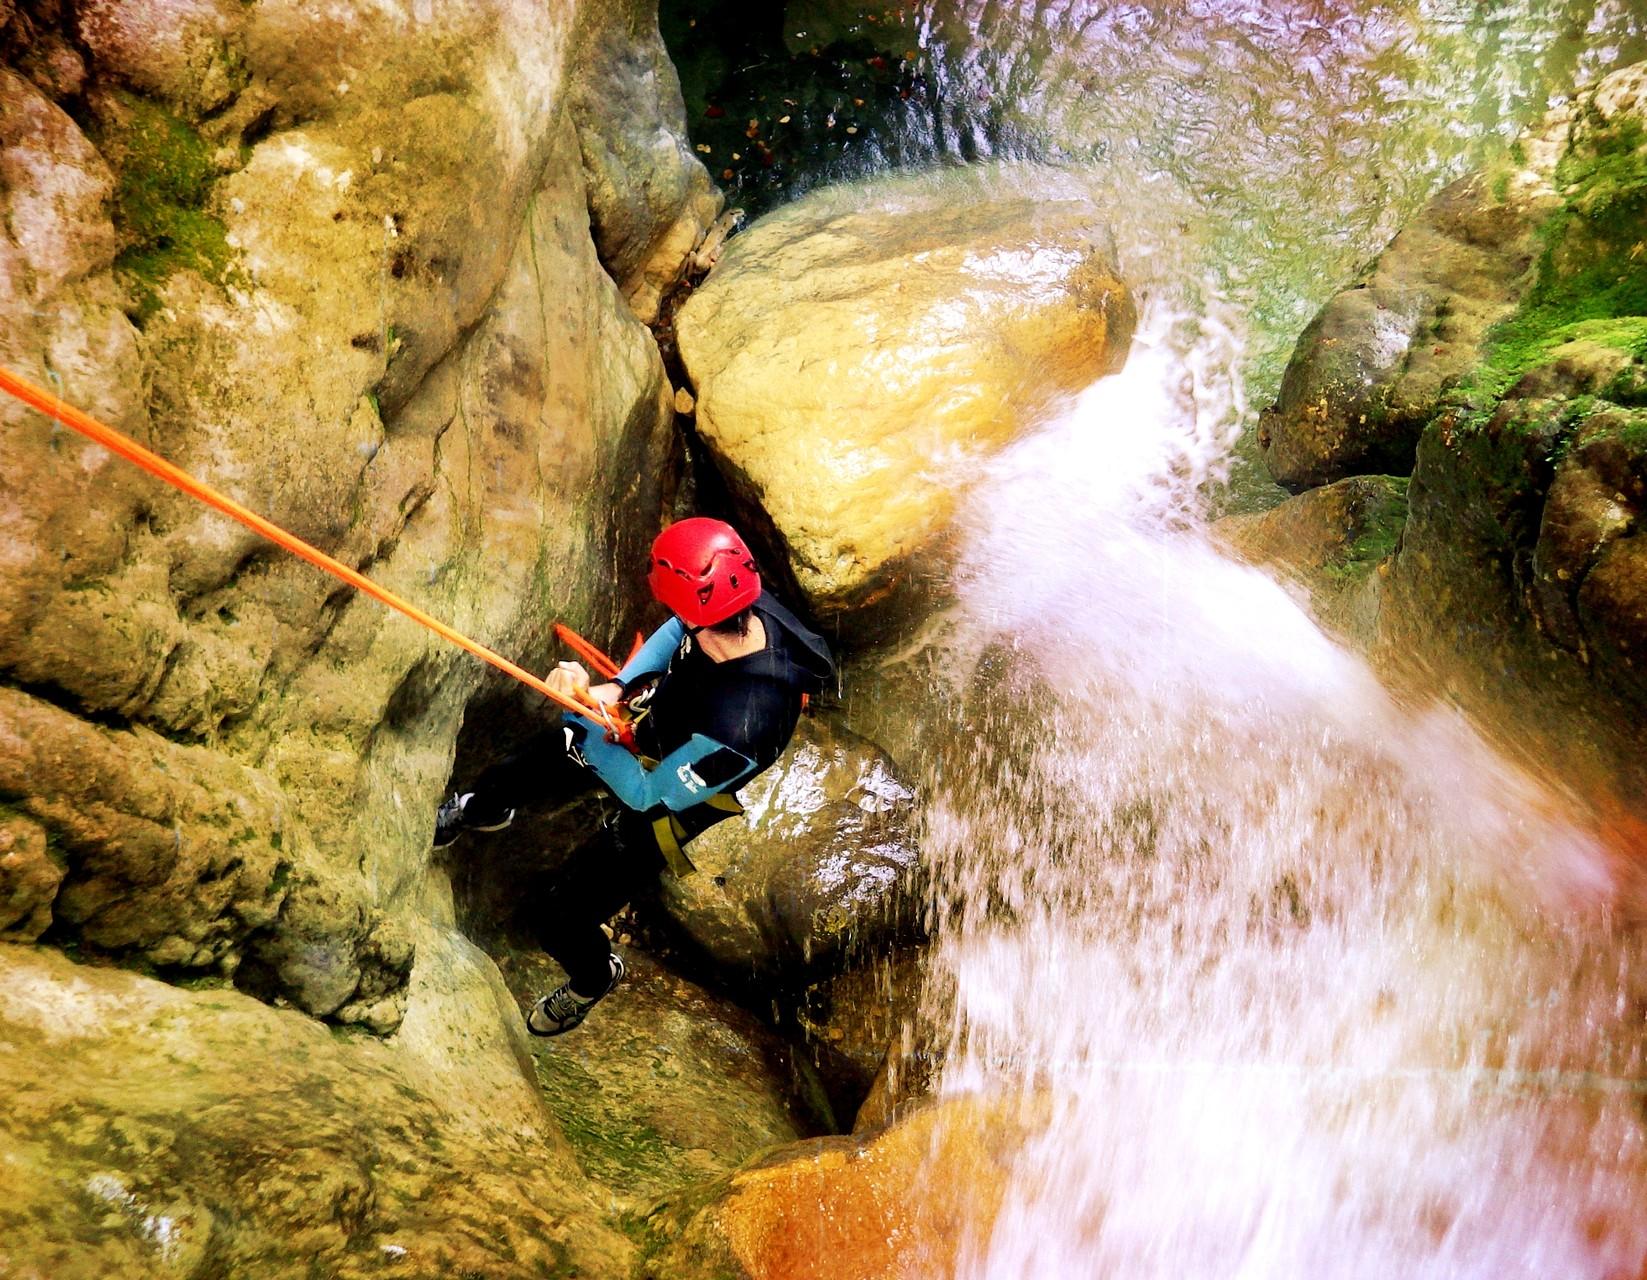 beau rappel arrosé - canyon du Versoud - Isère